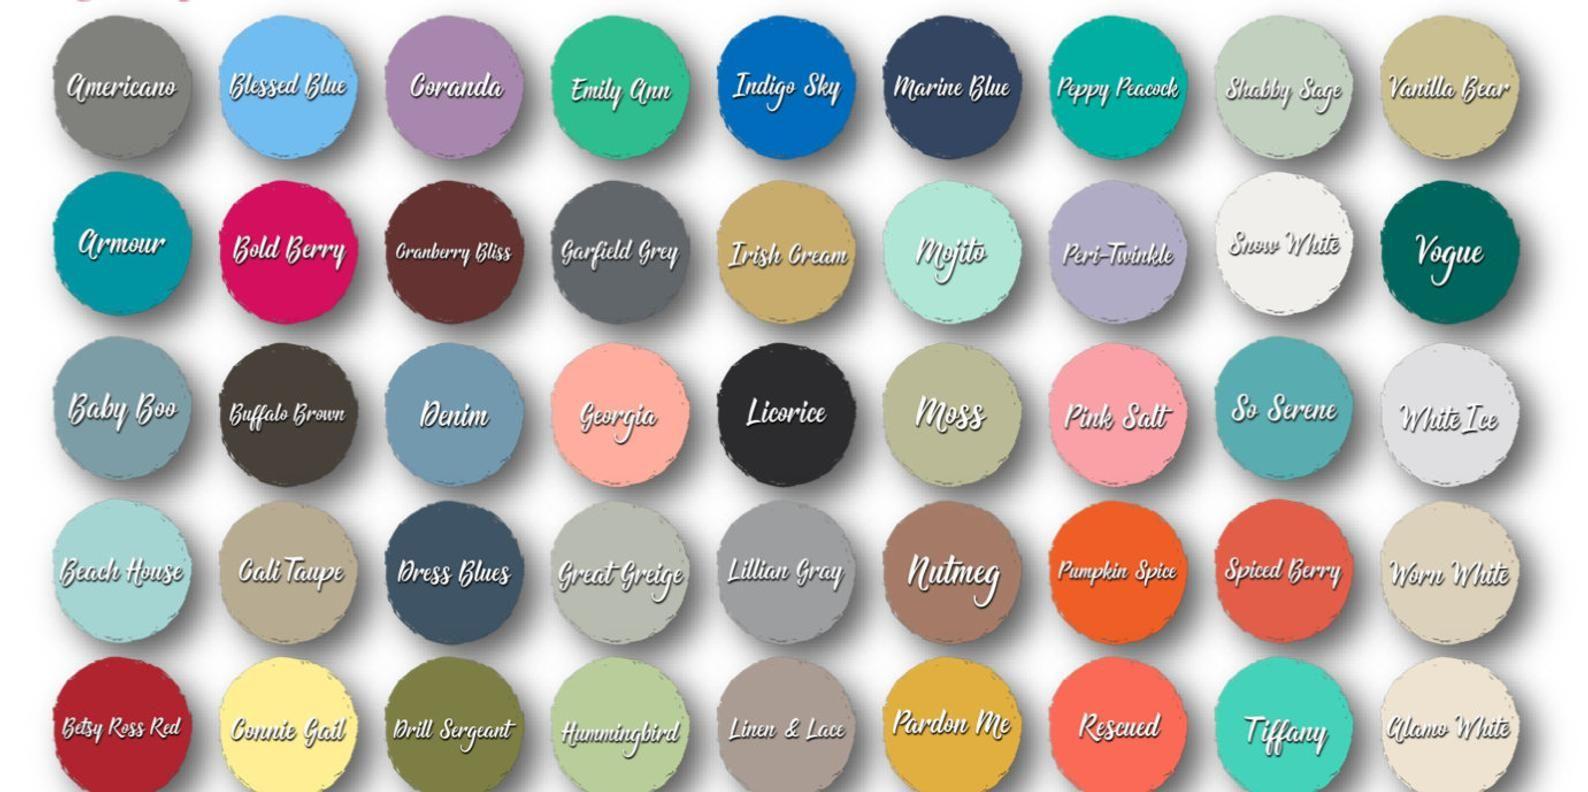 Diy Chalk Paint Shabby Paints Chalk Paint Non Toxic Paint Etsy In 2020 Shabby Paints Diy Chalk Diy Chalk Paint